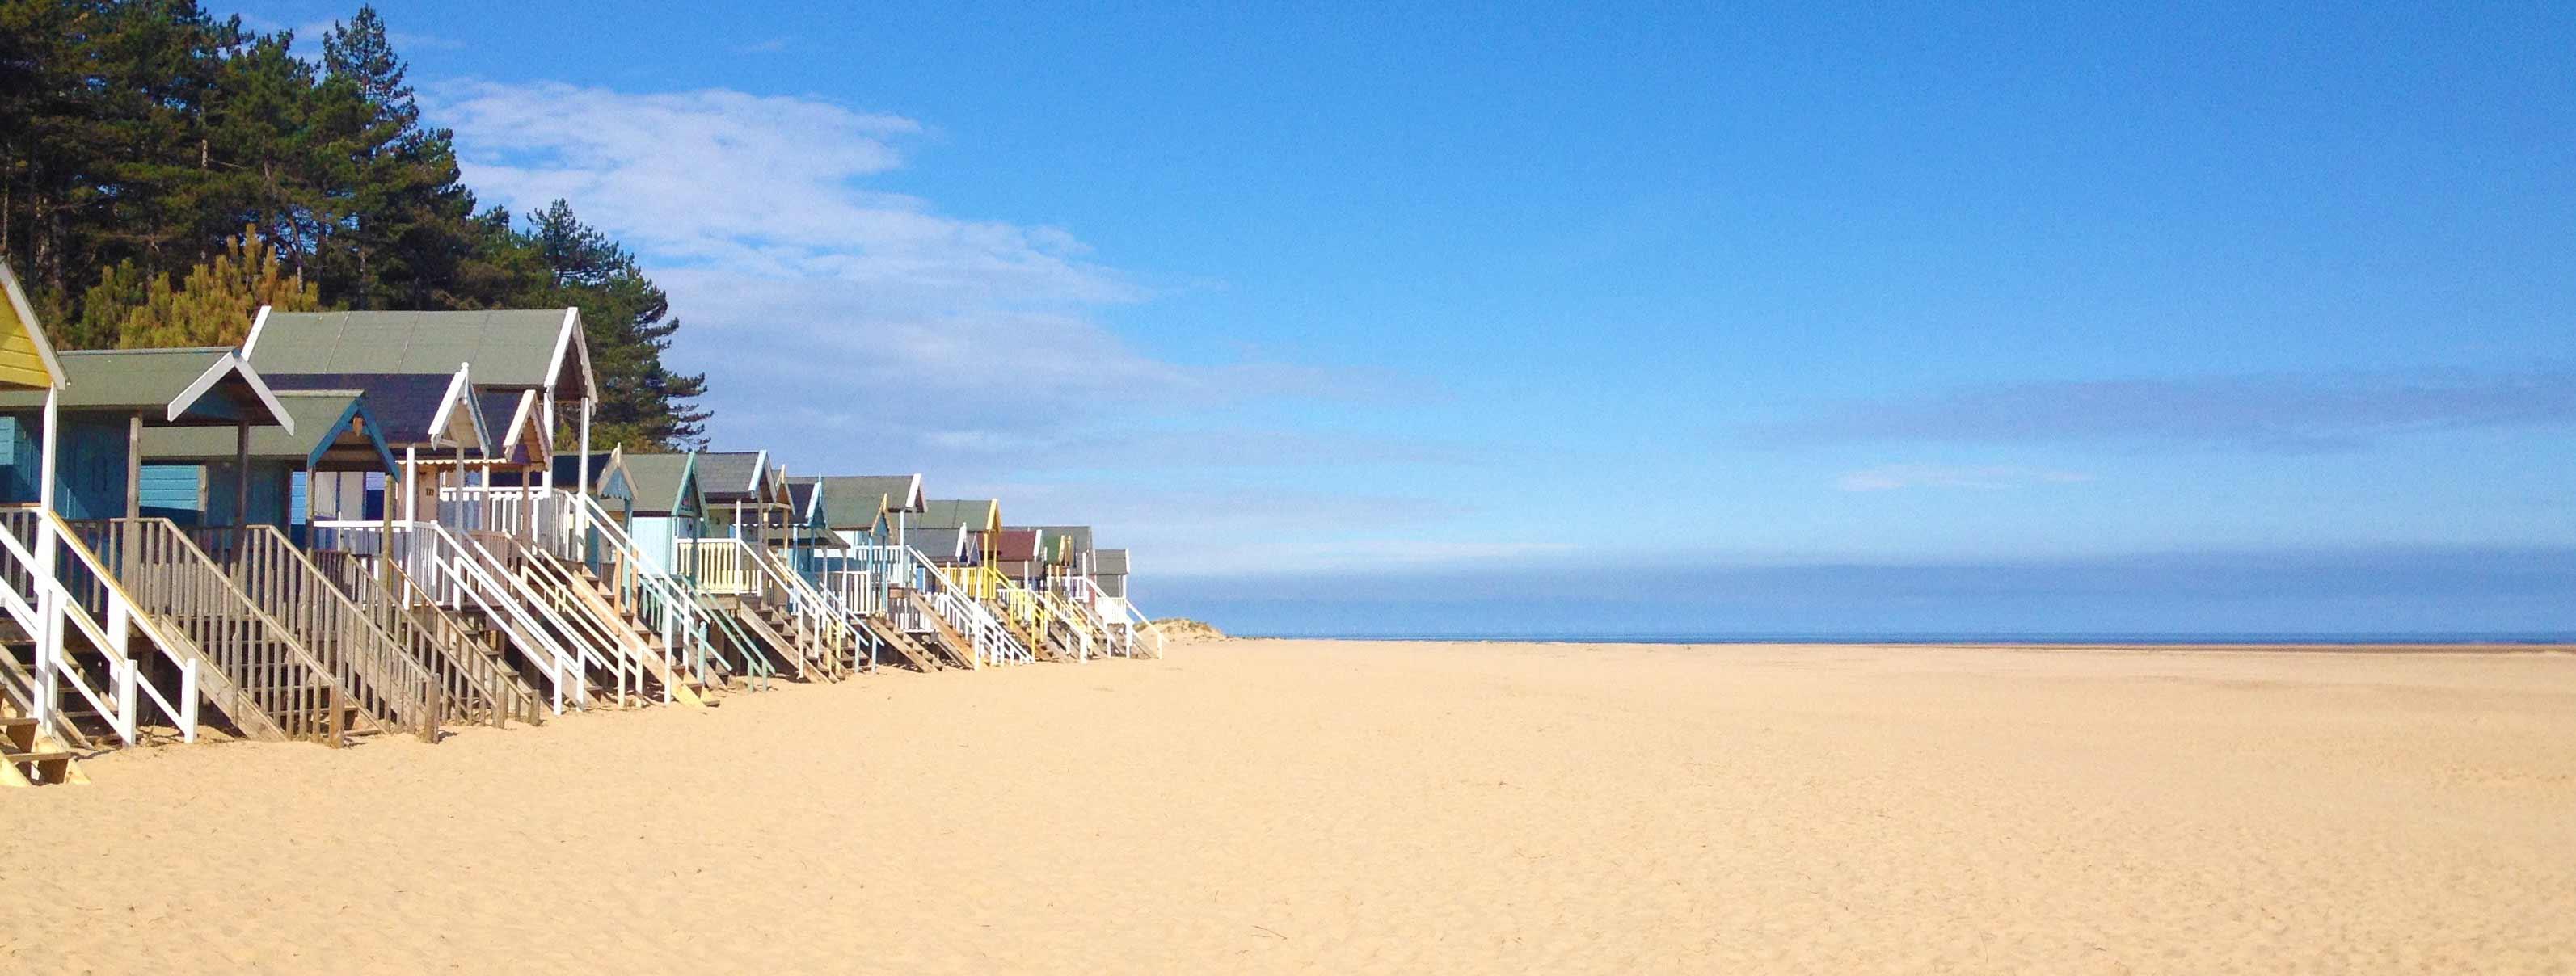 wells beach hut fetured long